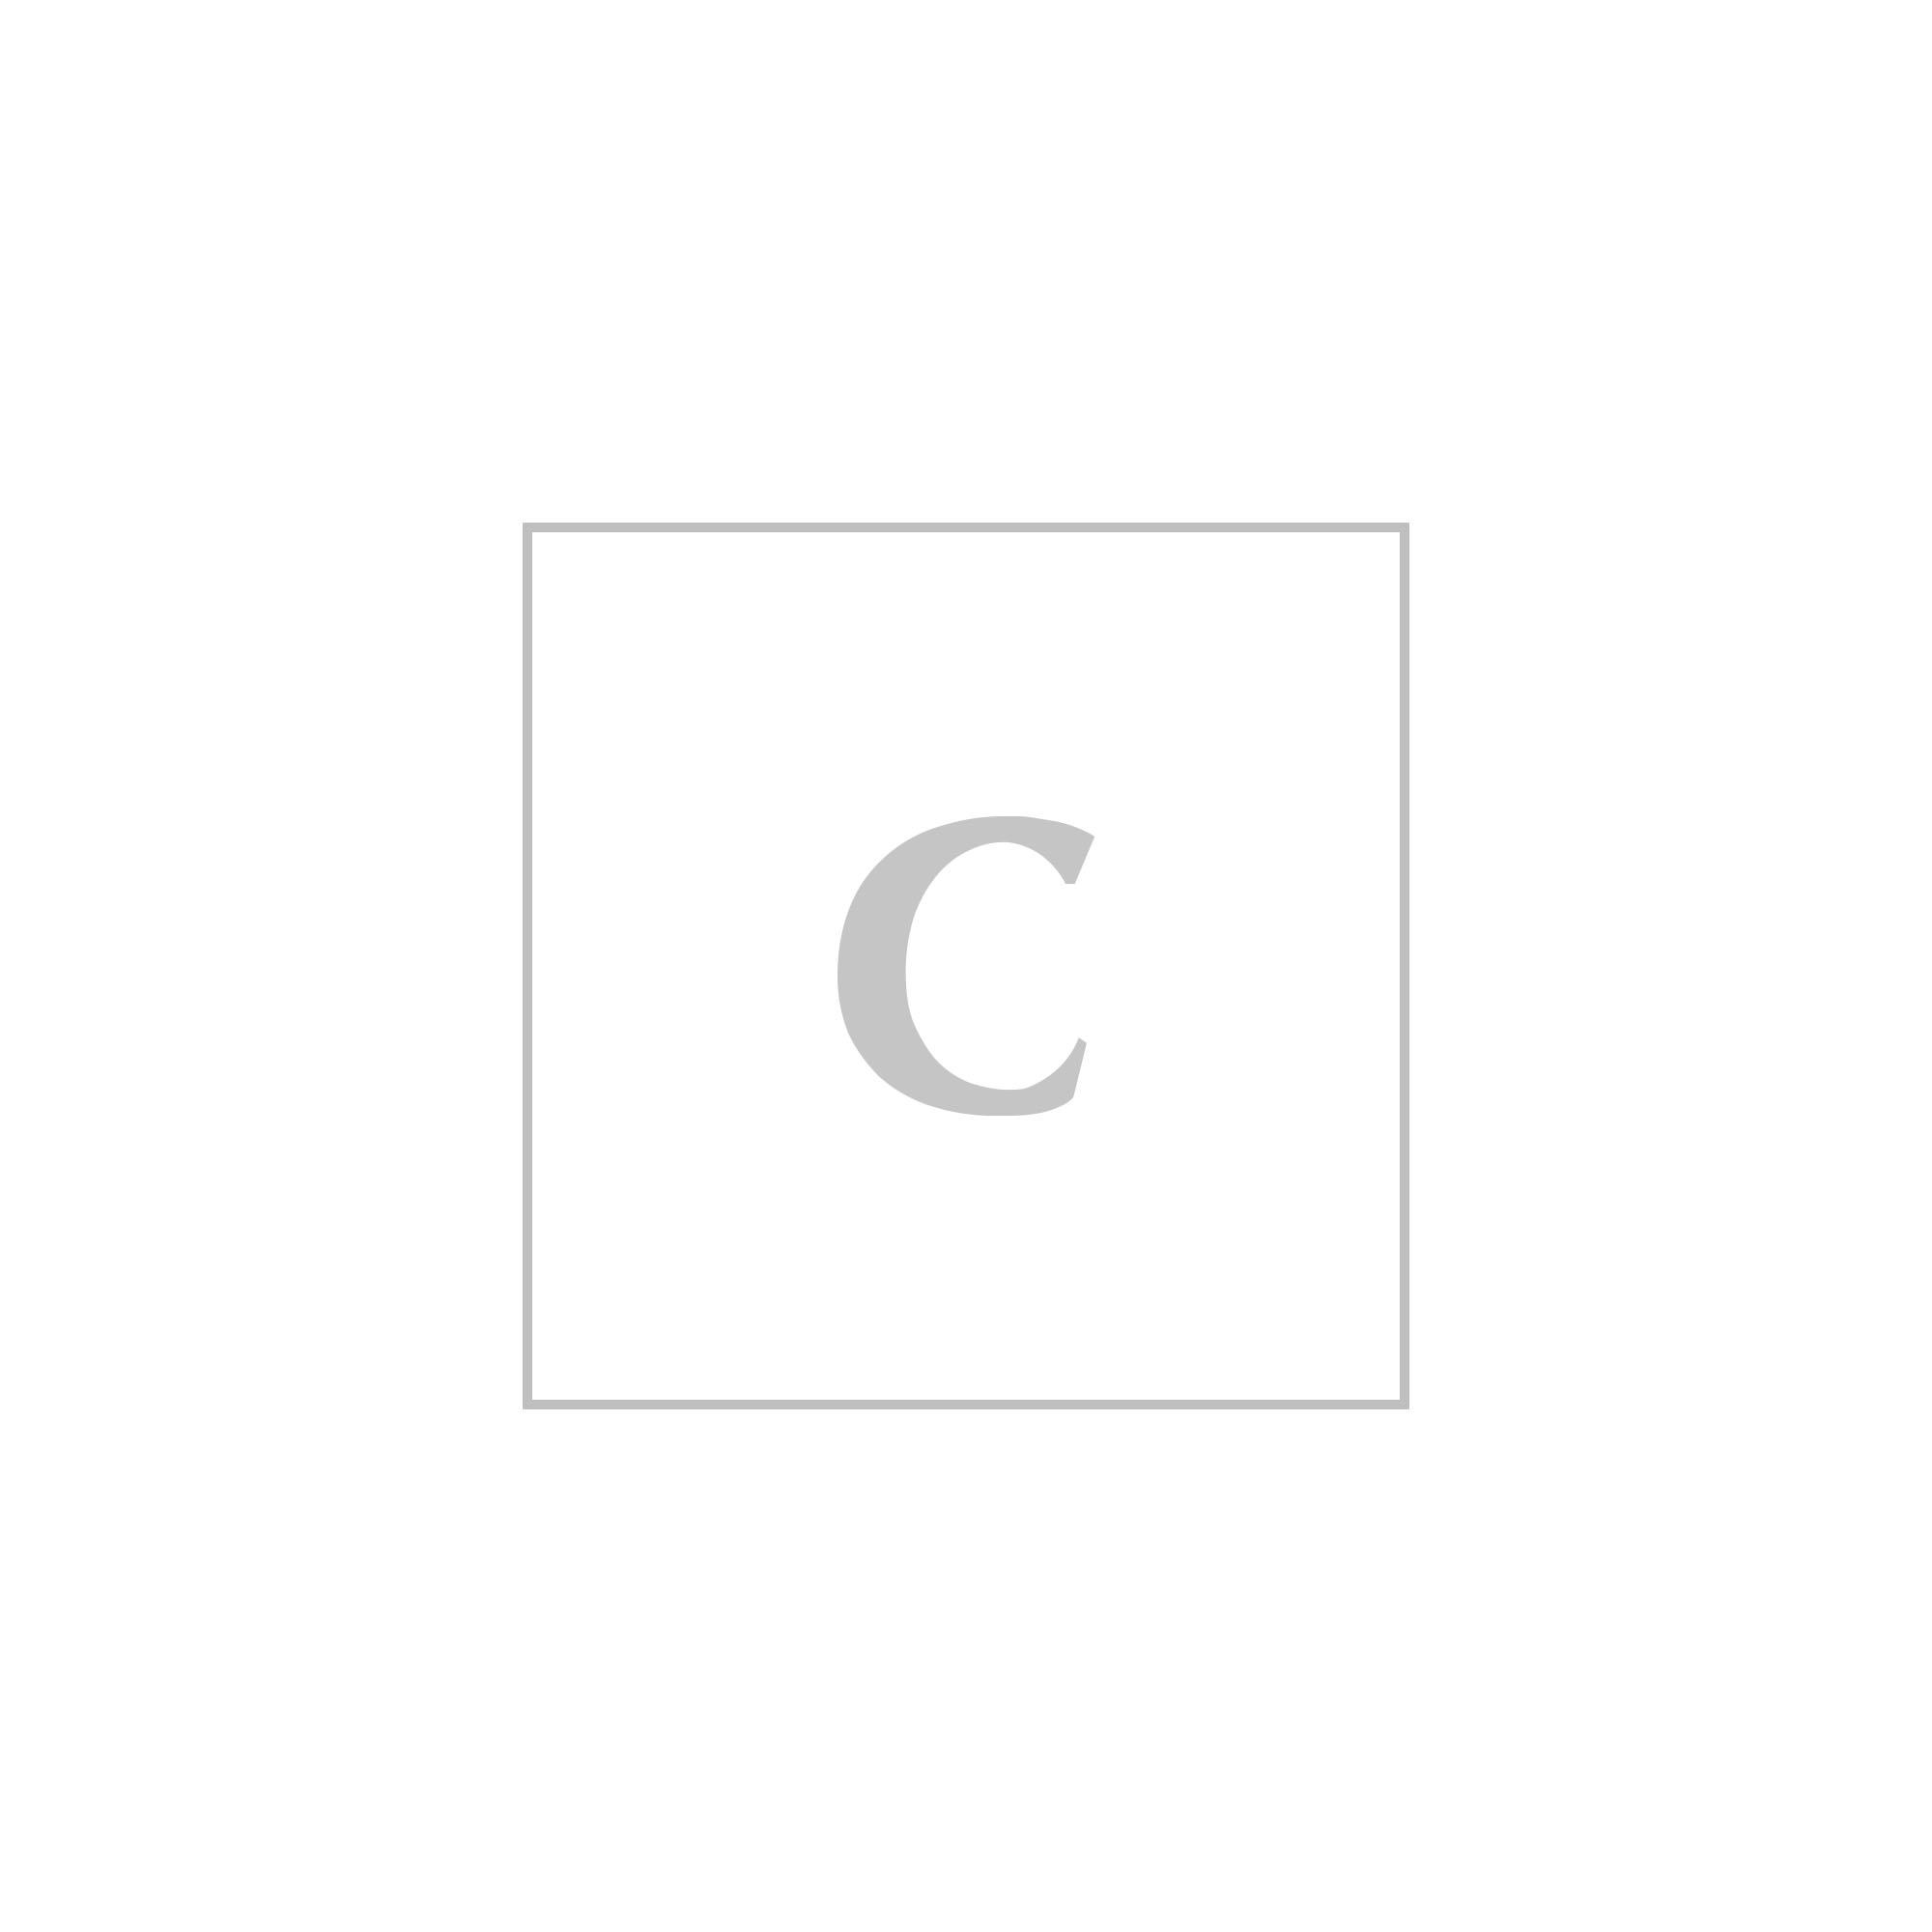 Stella mccartney falabella clutch star in studs